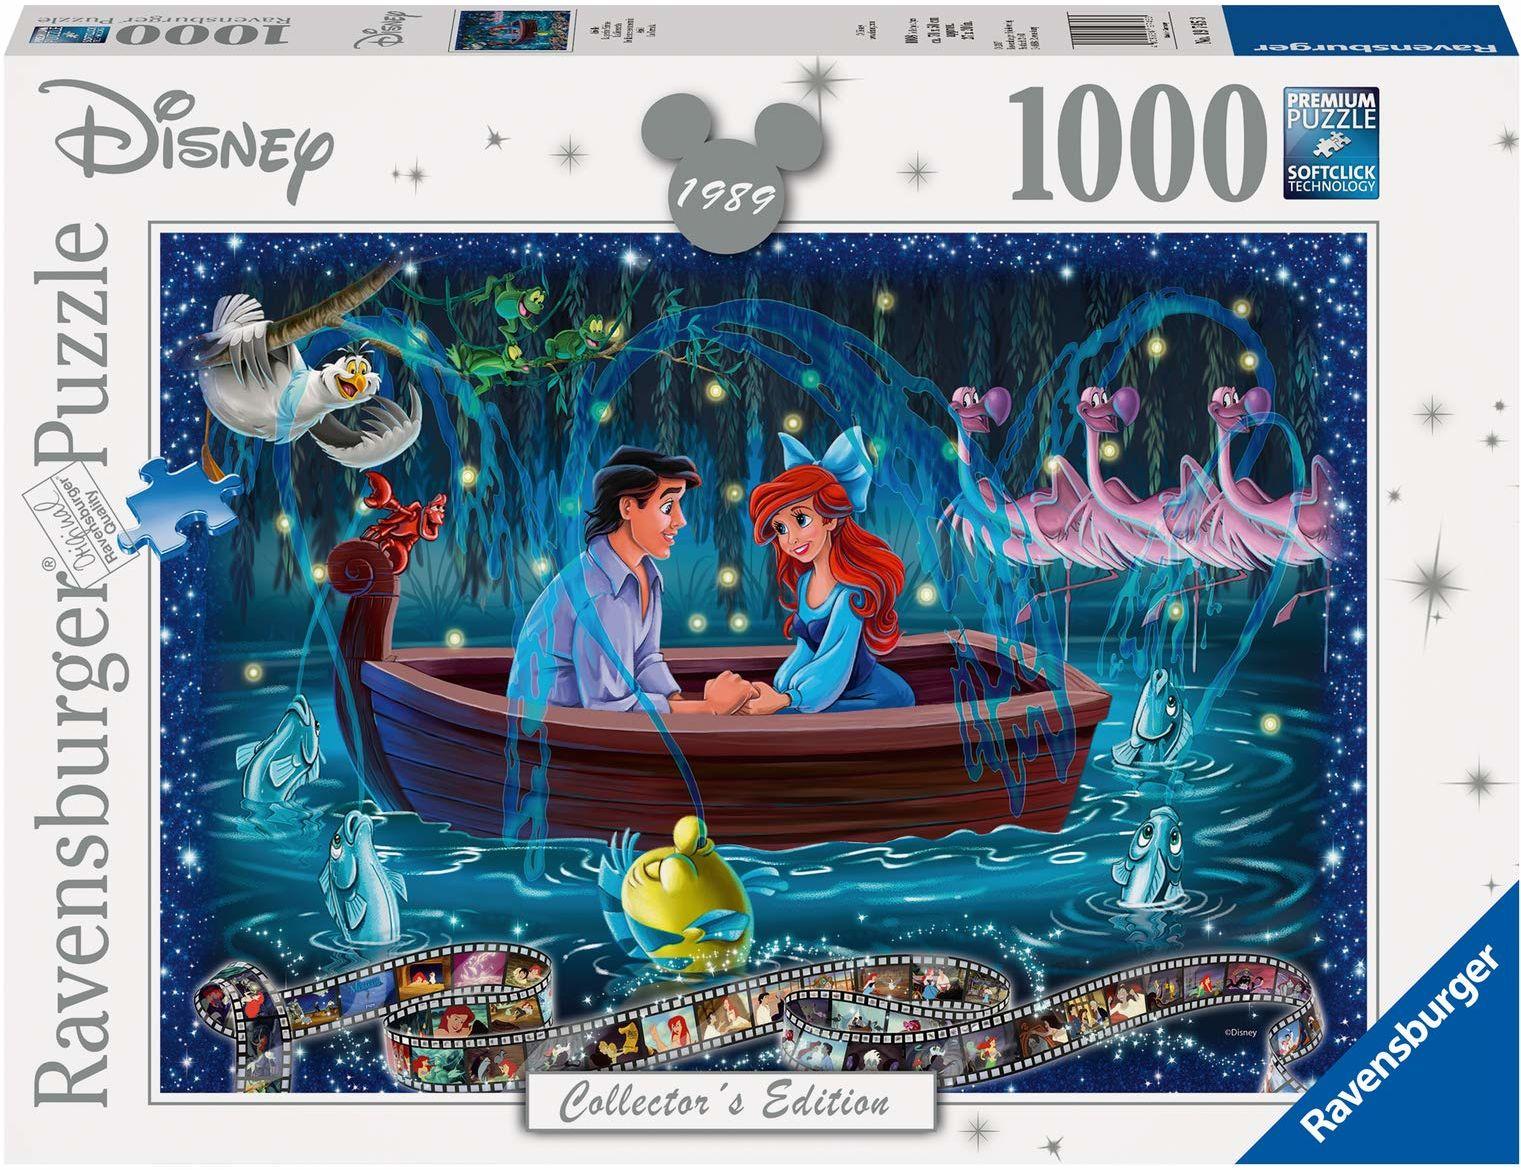 Ravensburger Puzzle 19745 Walt Disney. Mała Syrenka 1000 Elementów Puzzle Dla Dorosłych (19745) Unikalne Elementy, Technologia Softclick - Klocki Pasują Idealnie